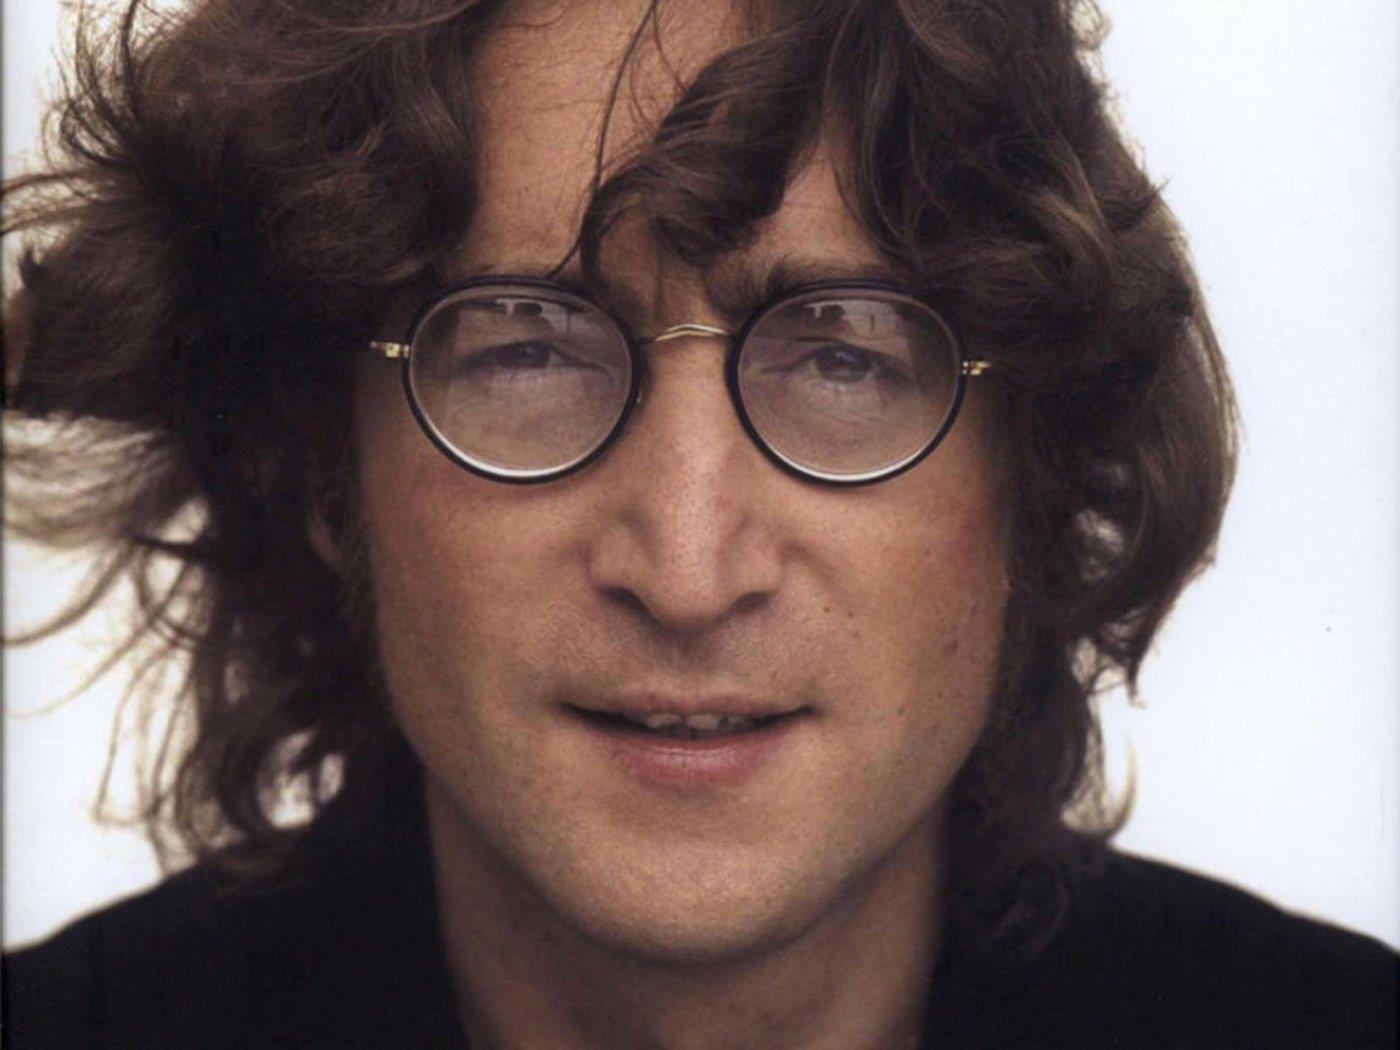 In vendita una ciocca di capelli di John Lennon con base d'asta 10 mila dollari